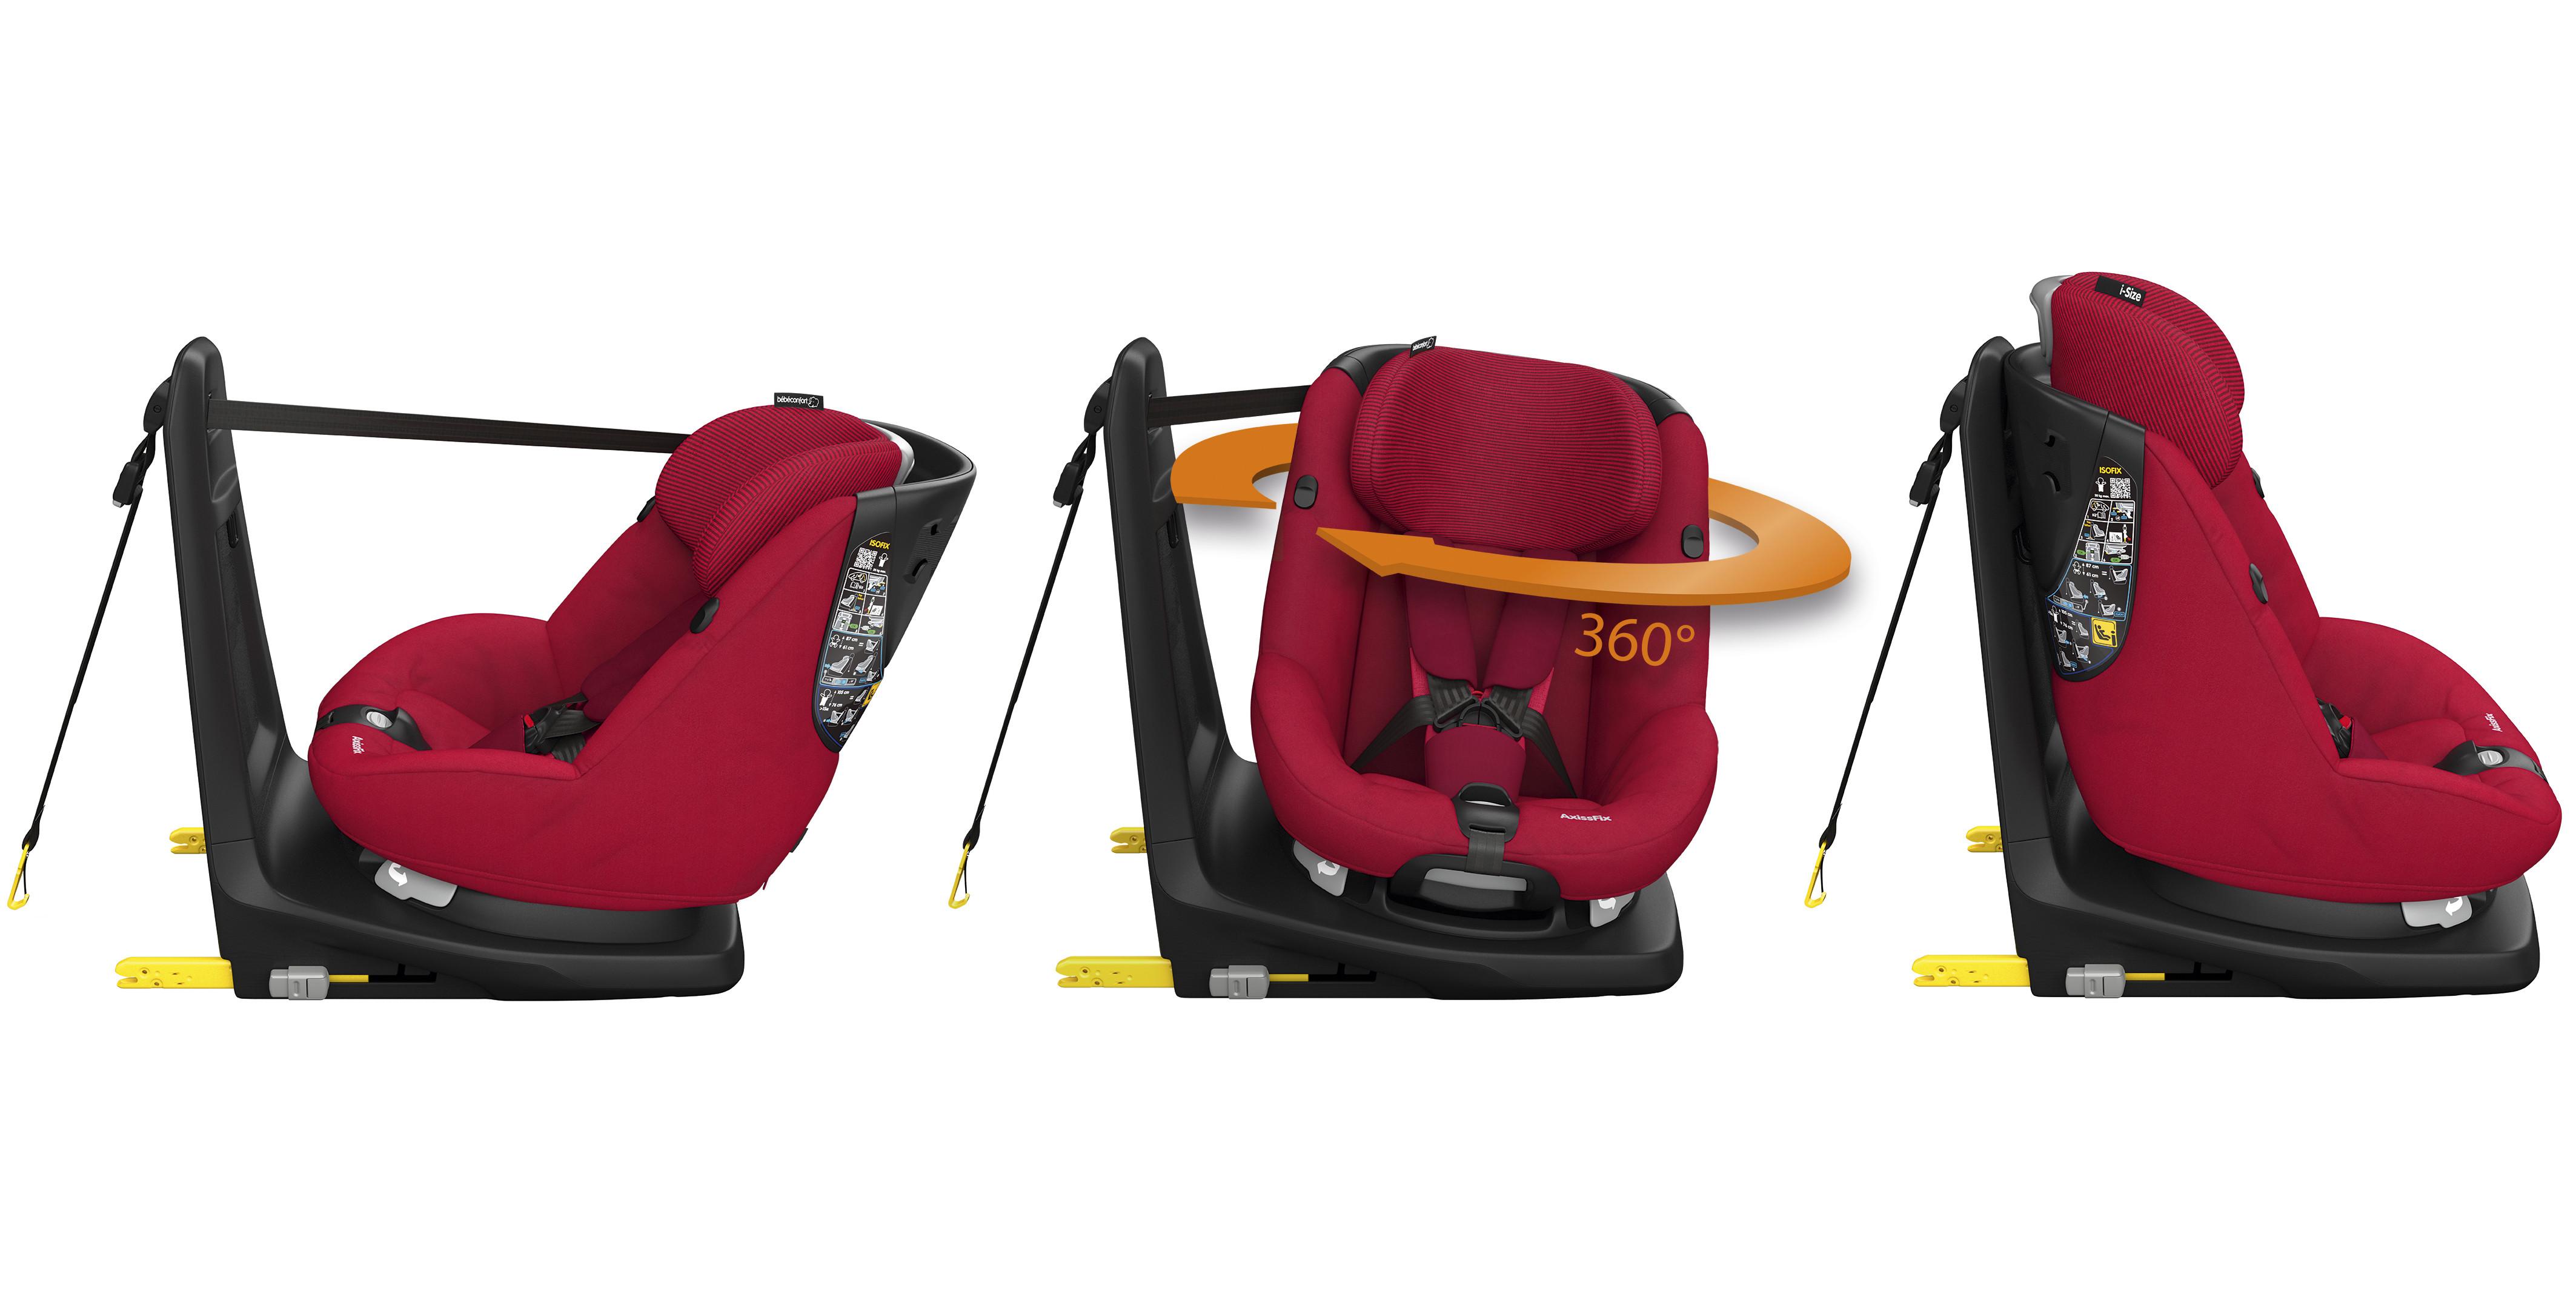 Silla de coche axissfix i size b b confort opiniones for Silla coche nino 8 anos